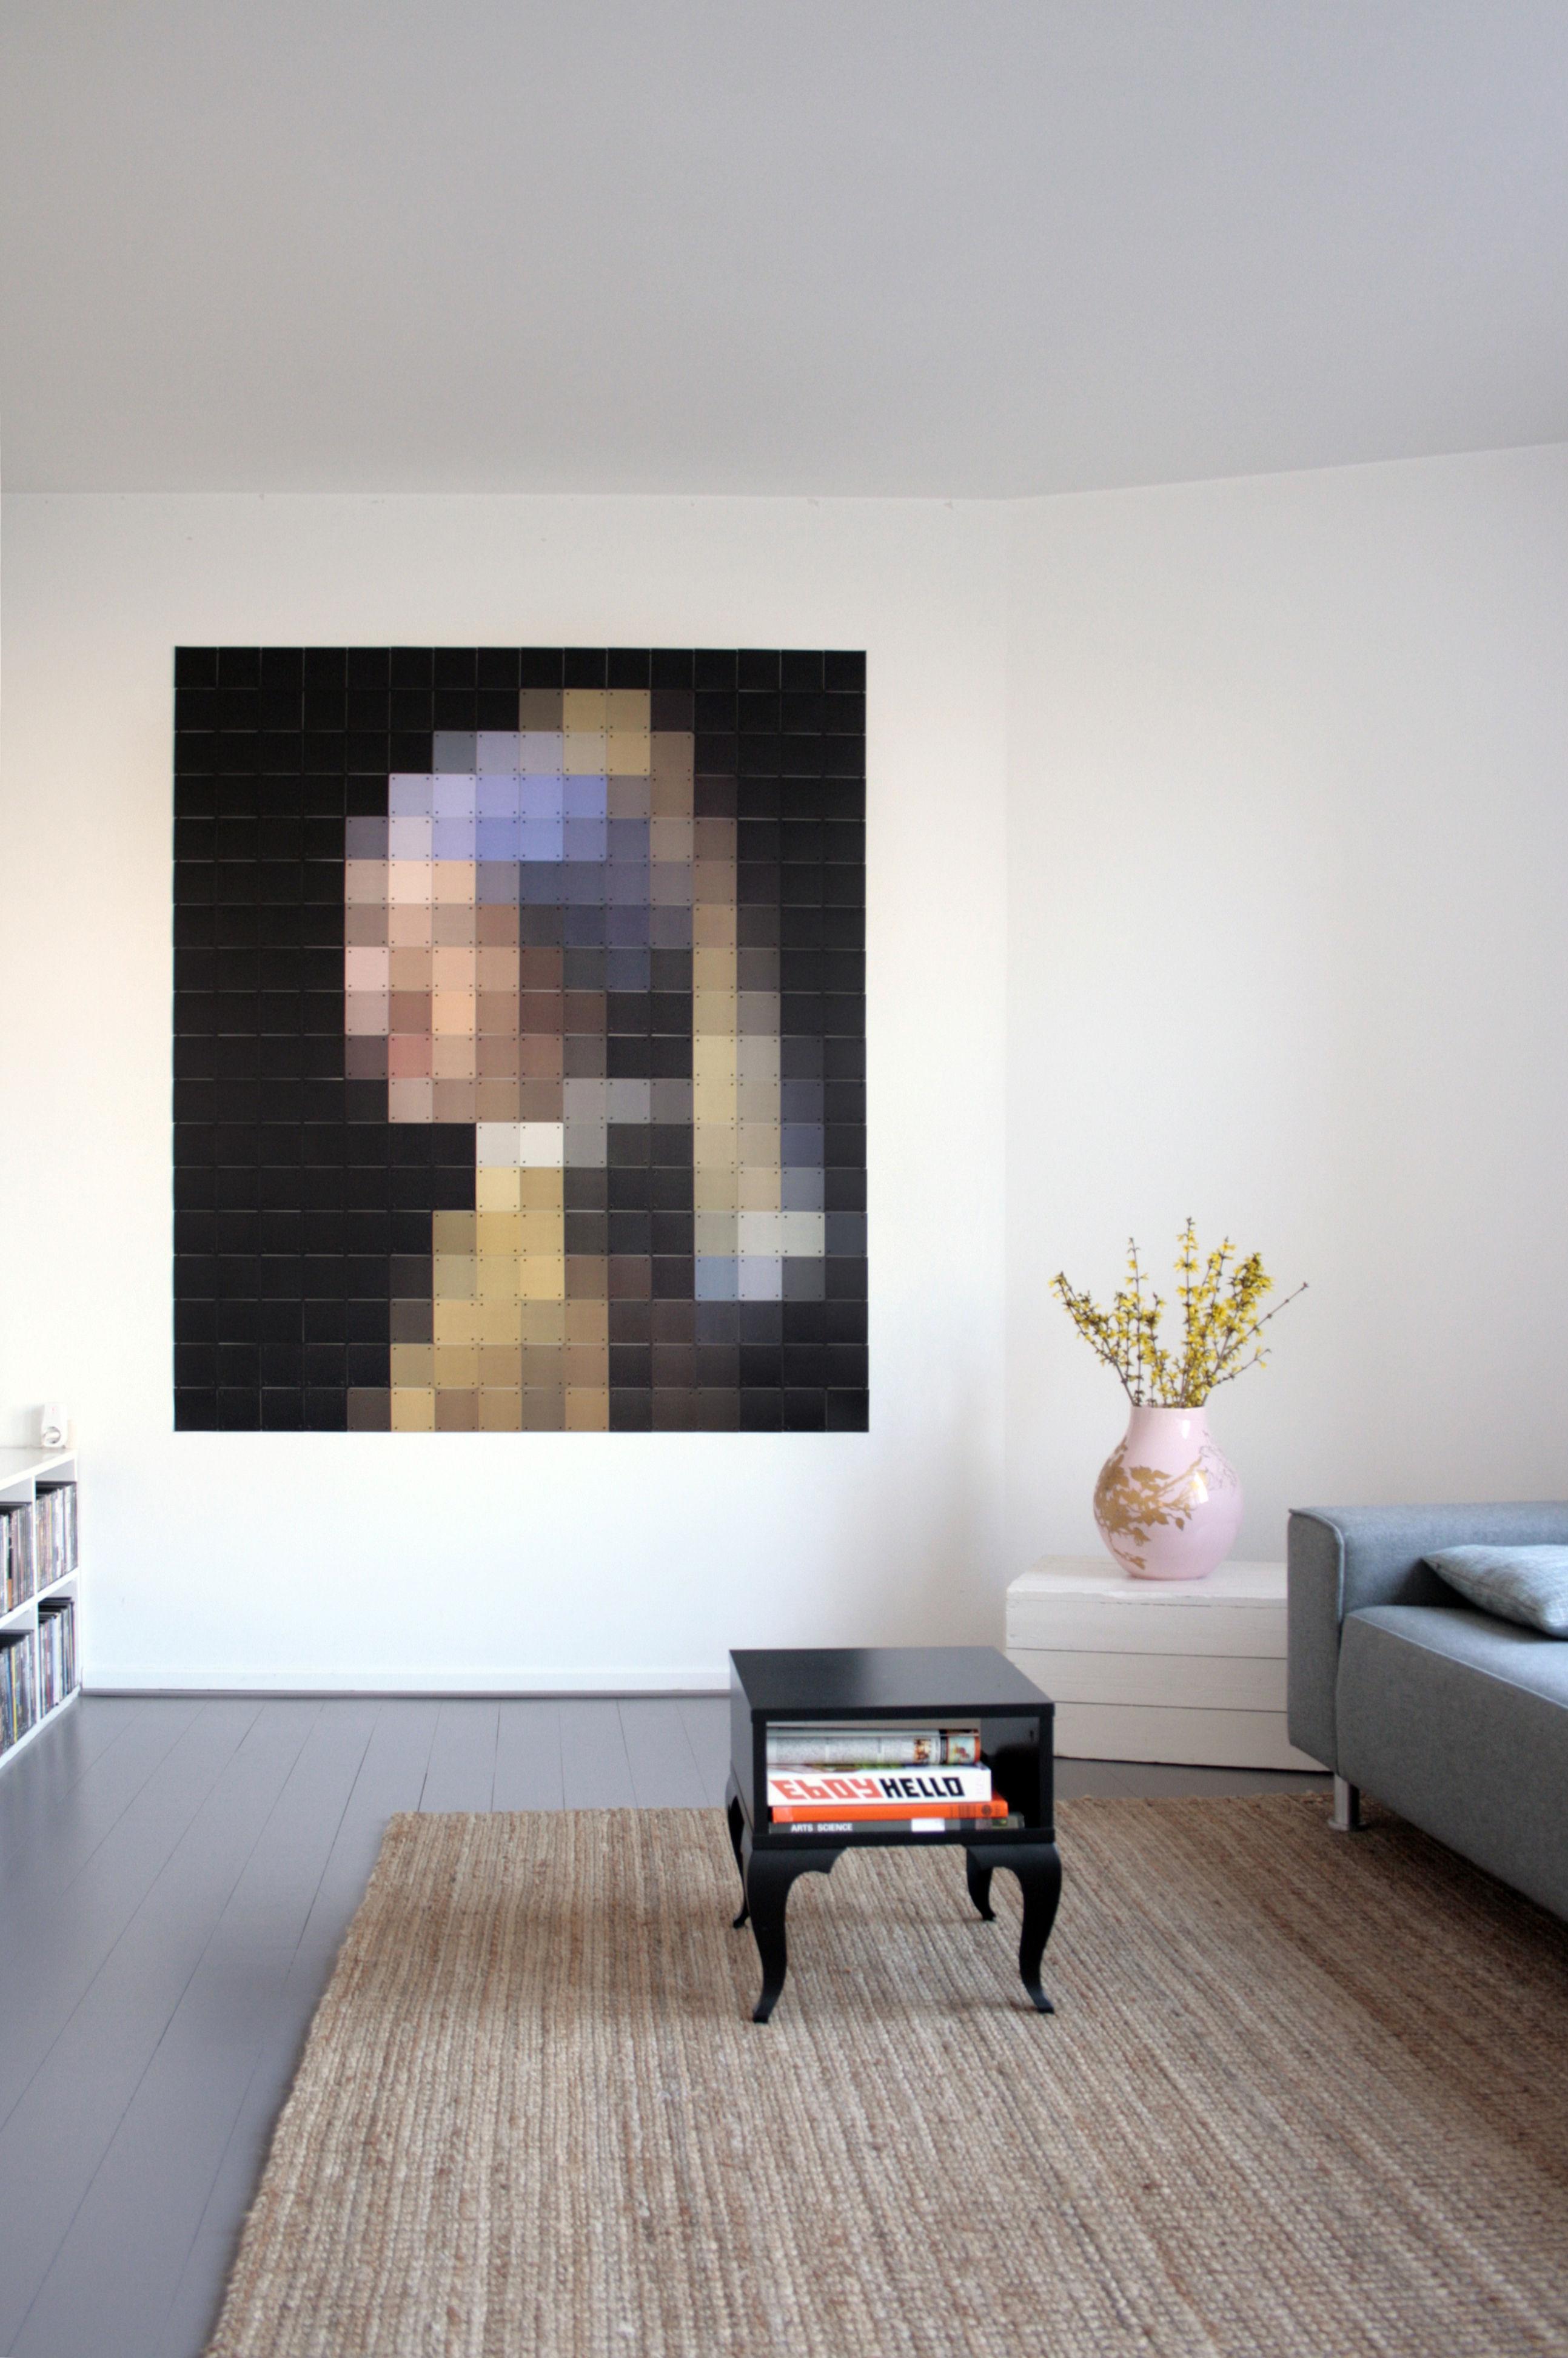 tableau la jeune fille la perle ixxi 160 x 180 cm. Black Bedroom Furniture Sets. Home Design Ideas